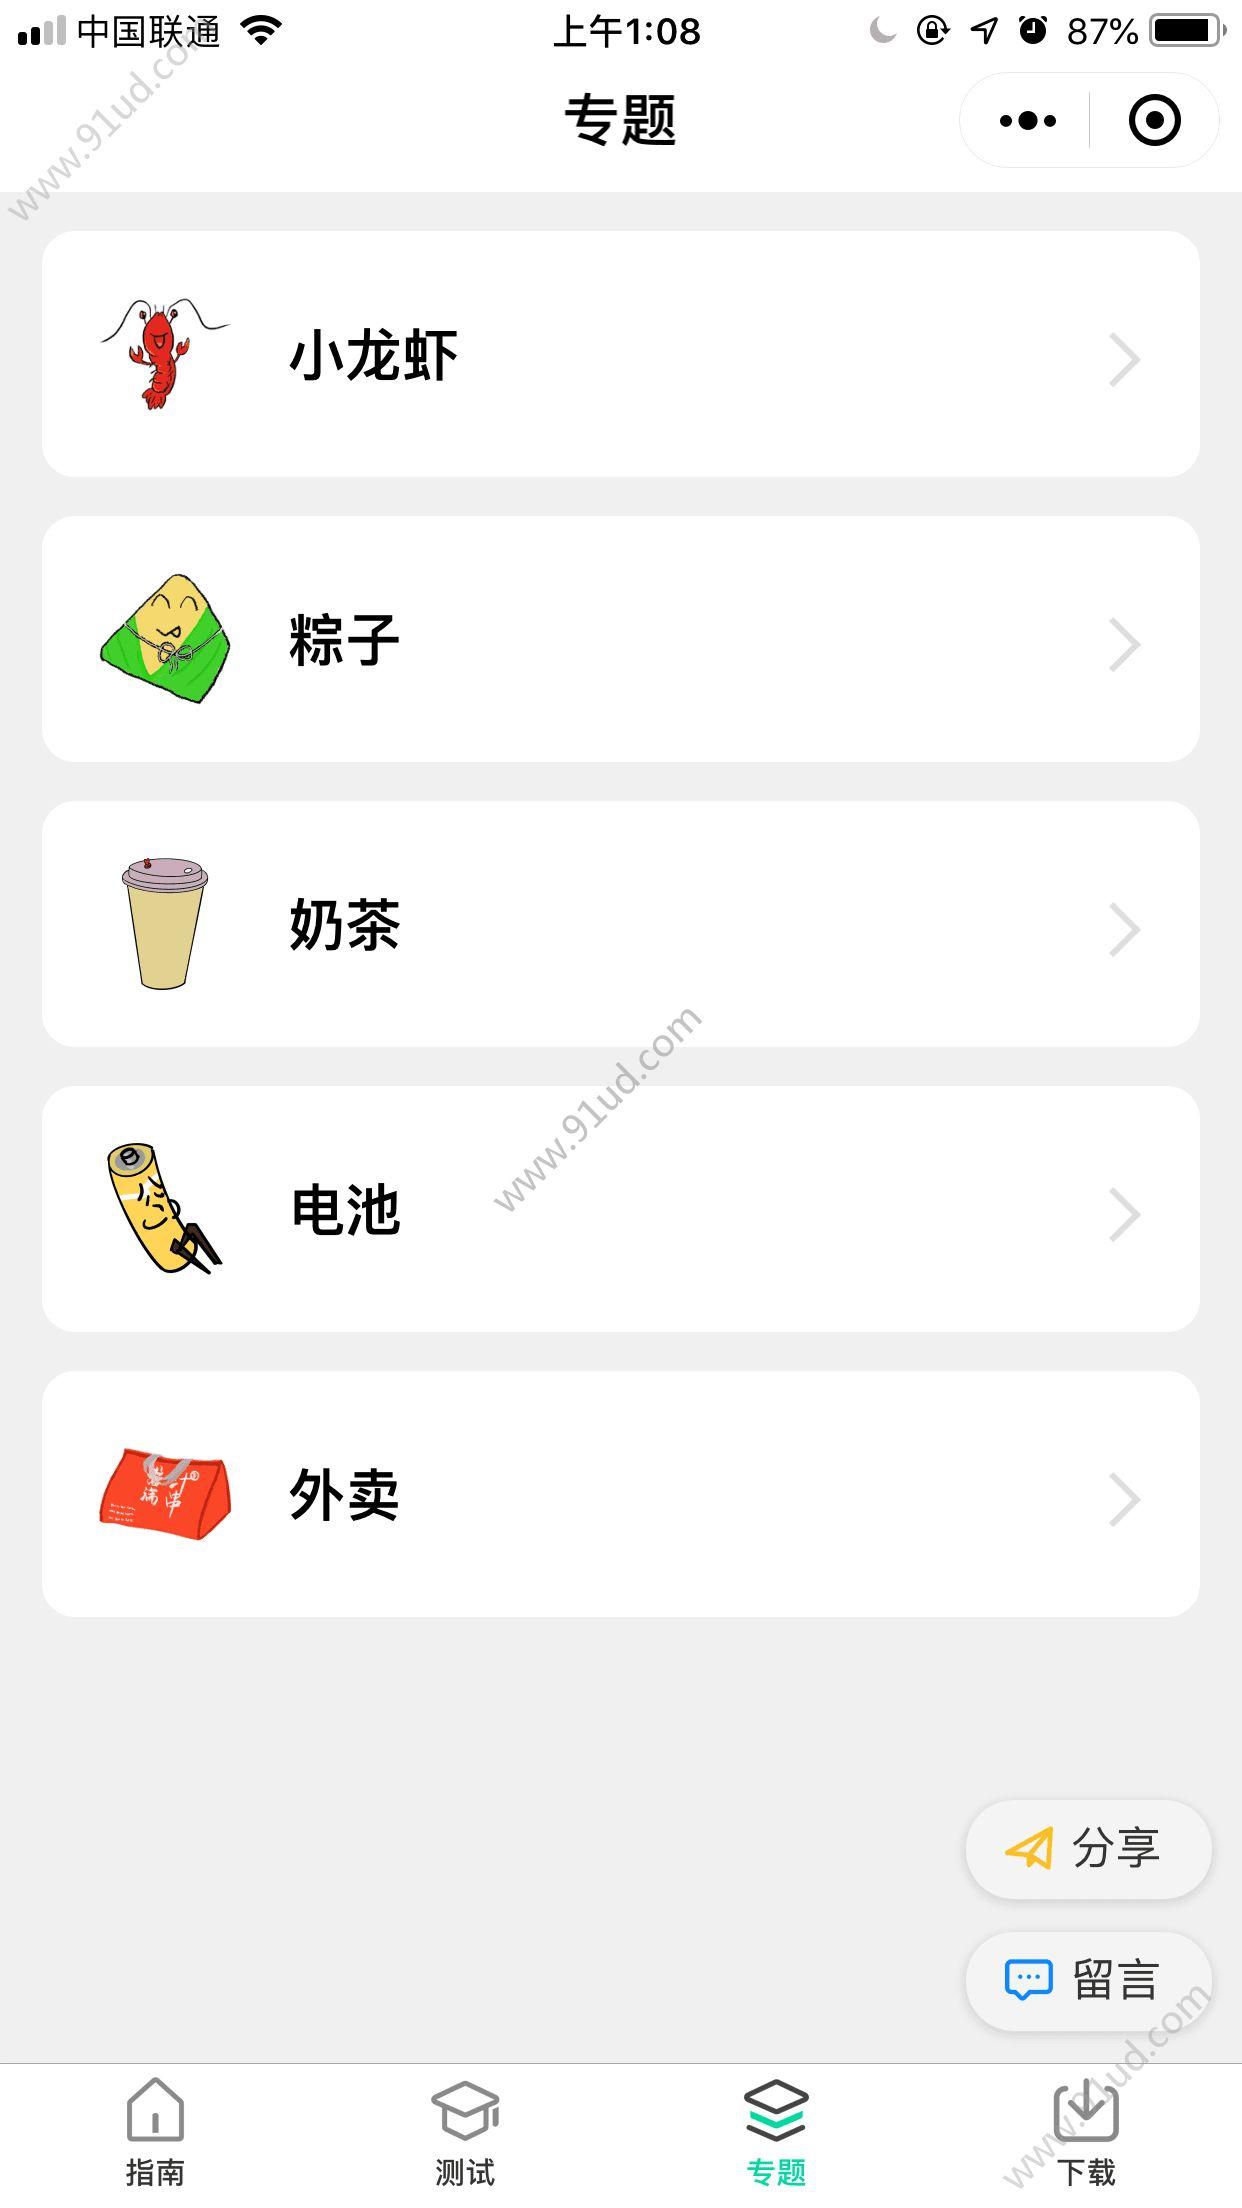 垃圾分类查询国际版小程序截图